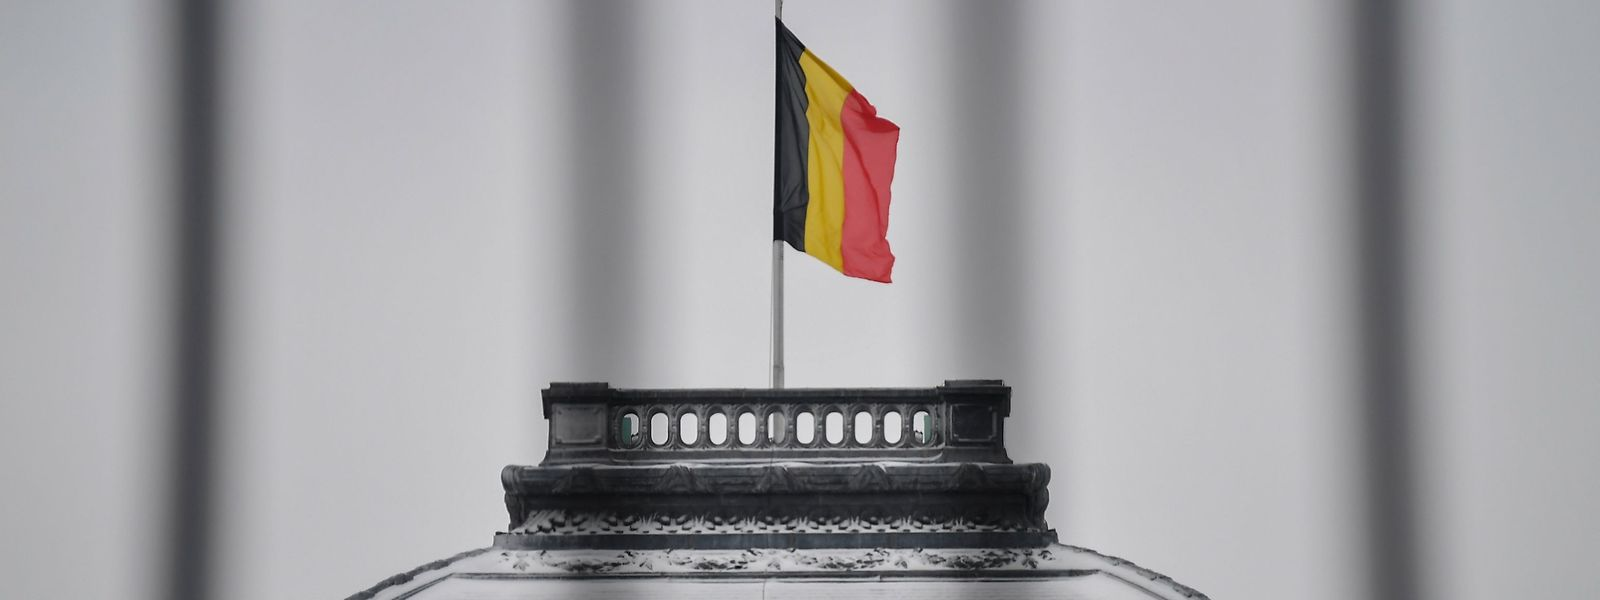 Selon le dernier Grand Baromètre Ipsos, le PTB obtient 19% des intentions de vote en Wallonie, 16% à Bruxelles et 8,2% en Flandre.